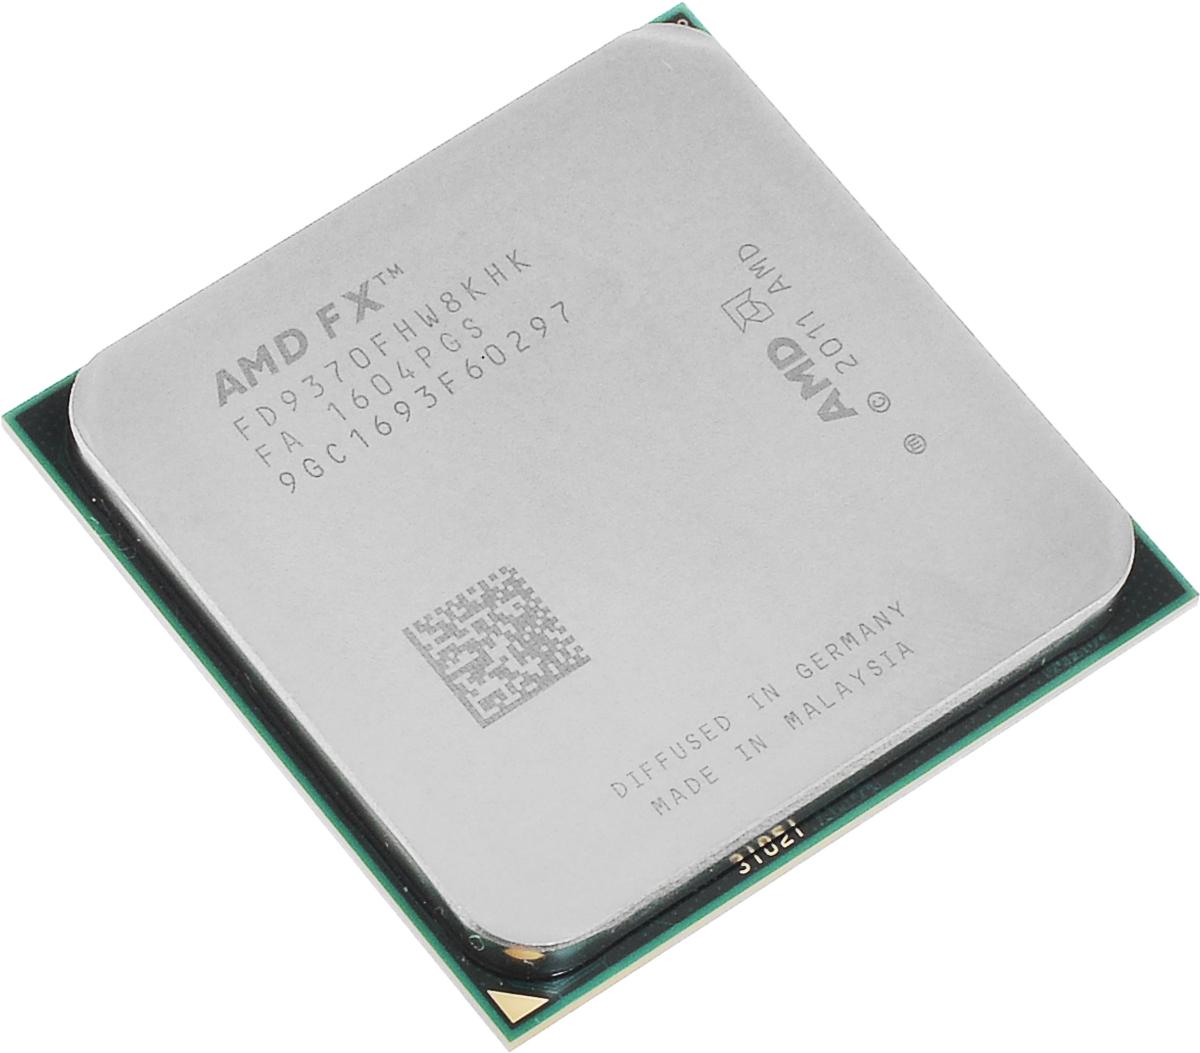 AMD FX-9370 процессор (FD9370FHW8KHK)FD9370FHW8KHKПроцессор AMD FX-9370 подойдет для настольных персональных компьютеров, основанных на платформе AMD. Данная модель имеет разблокированный множитель, а также встроенный двухканальный контроллер памяти DDR3. Процессор поддерживает все основные технологии AMD: AMD64 Enhanced Virus Protection, HyperTransport, PowerNow! / CoolnQuiet, Turbo Core 3.0, Virtualization